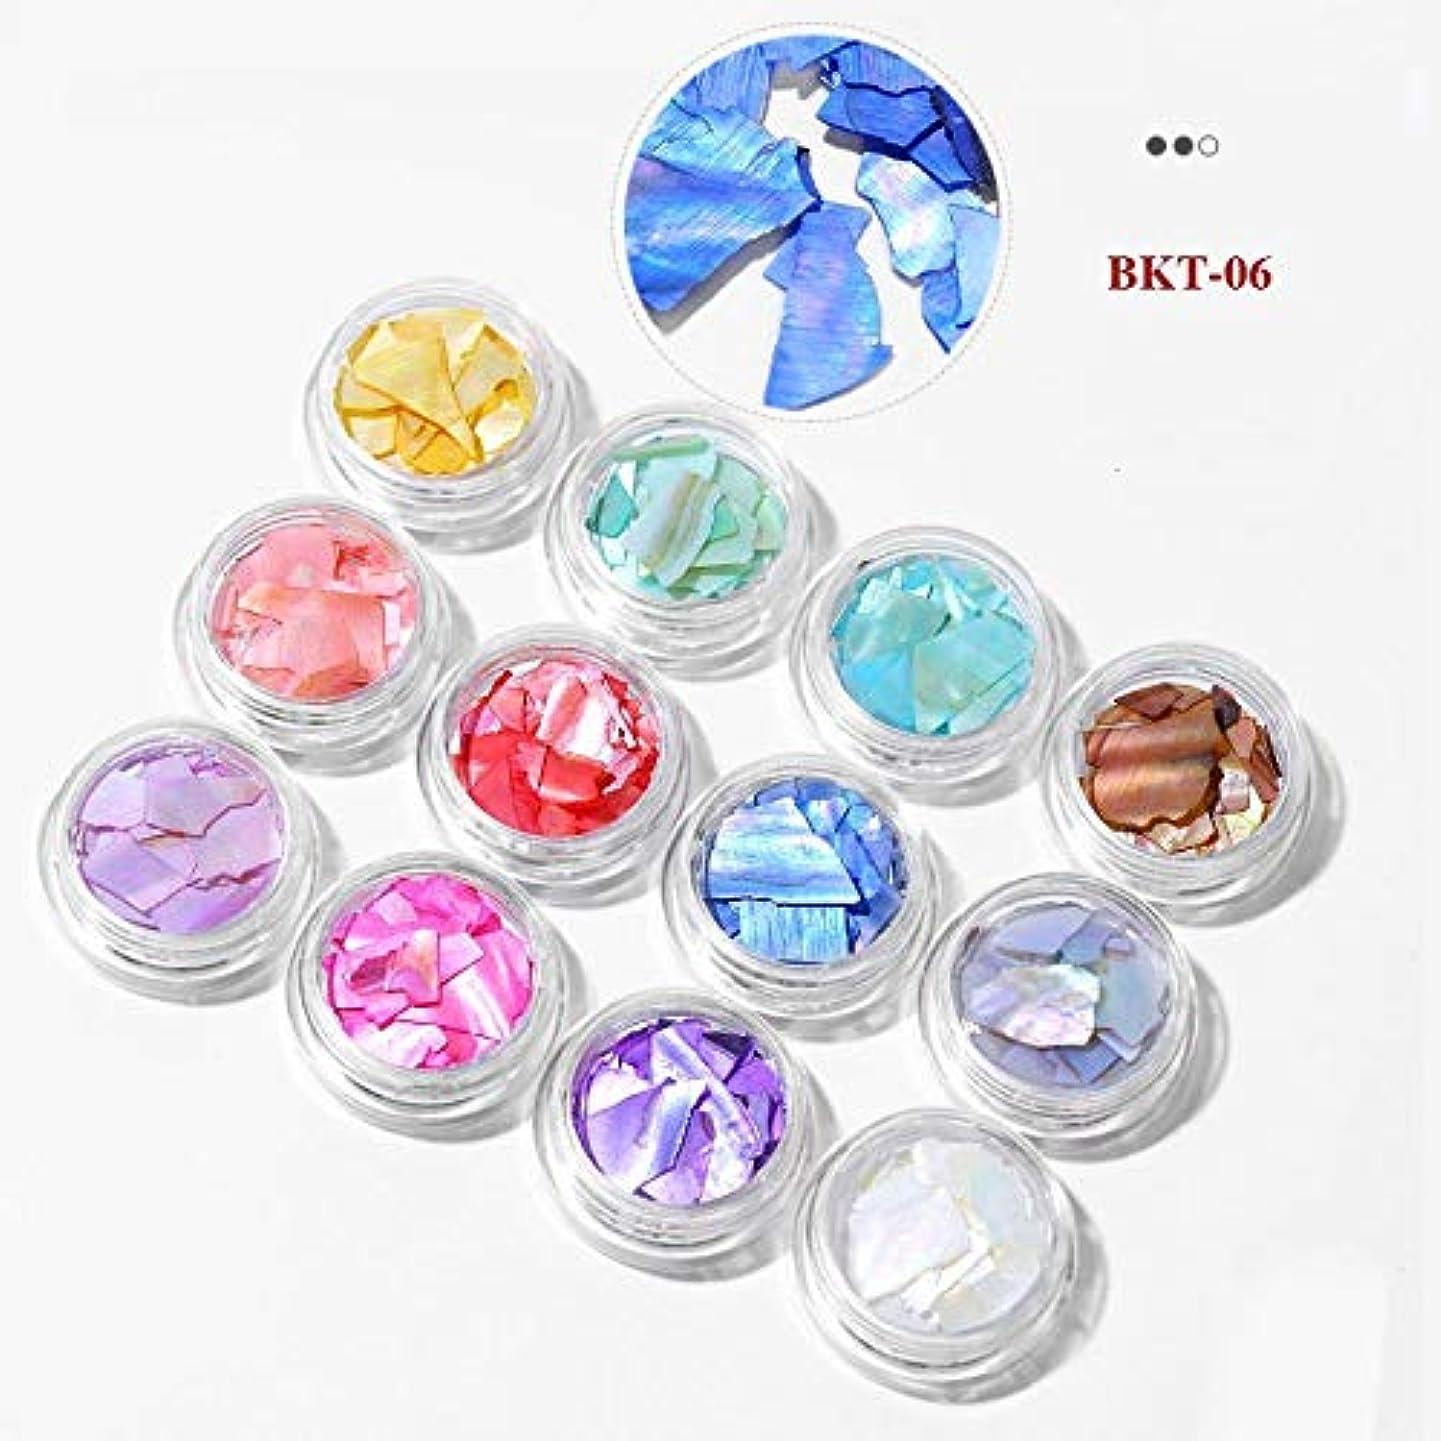 合計湿度論文Kerwinner 3Dネイルアートクラッシュシェル貝殻セットDIYオーシャンピーススパンコールネイルマニキュアインテリアチャームアクセサリーアクセサリーサプライ (Color : 06)